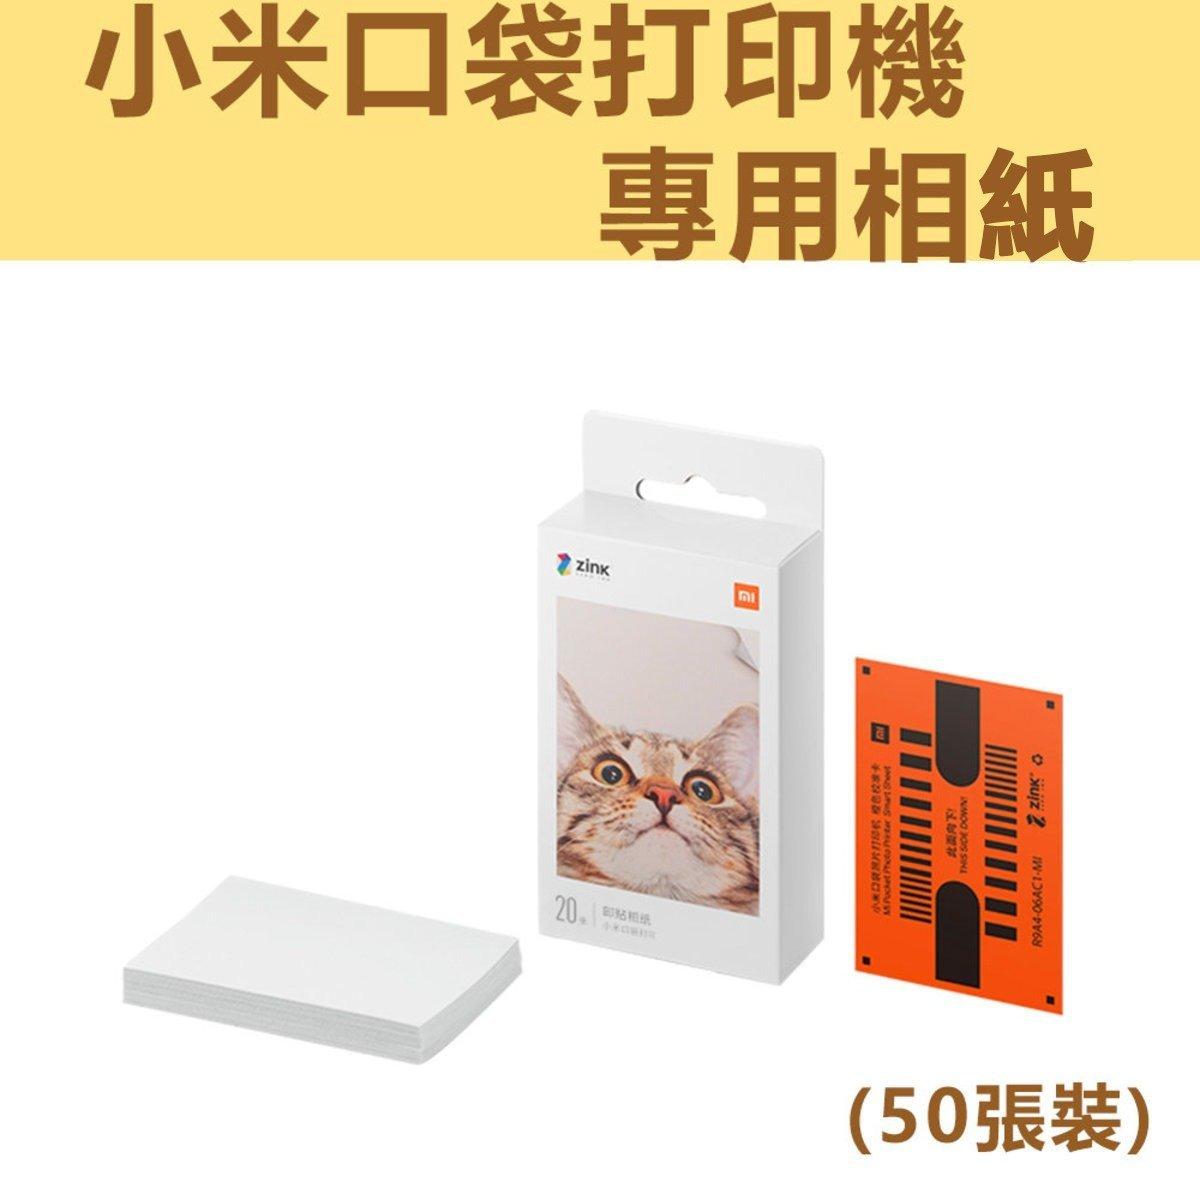 相紙 (50張裝) 適用於小米口袋打印機